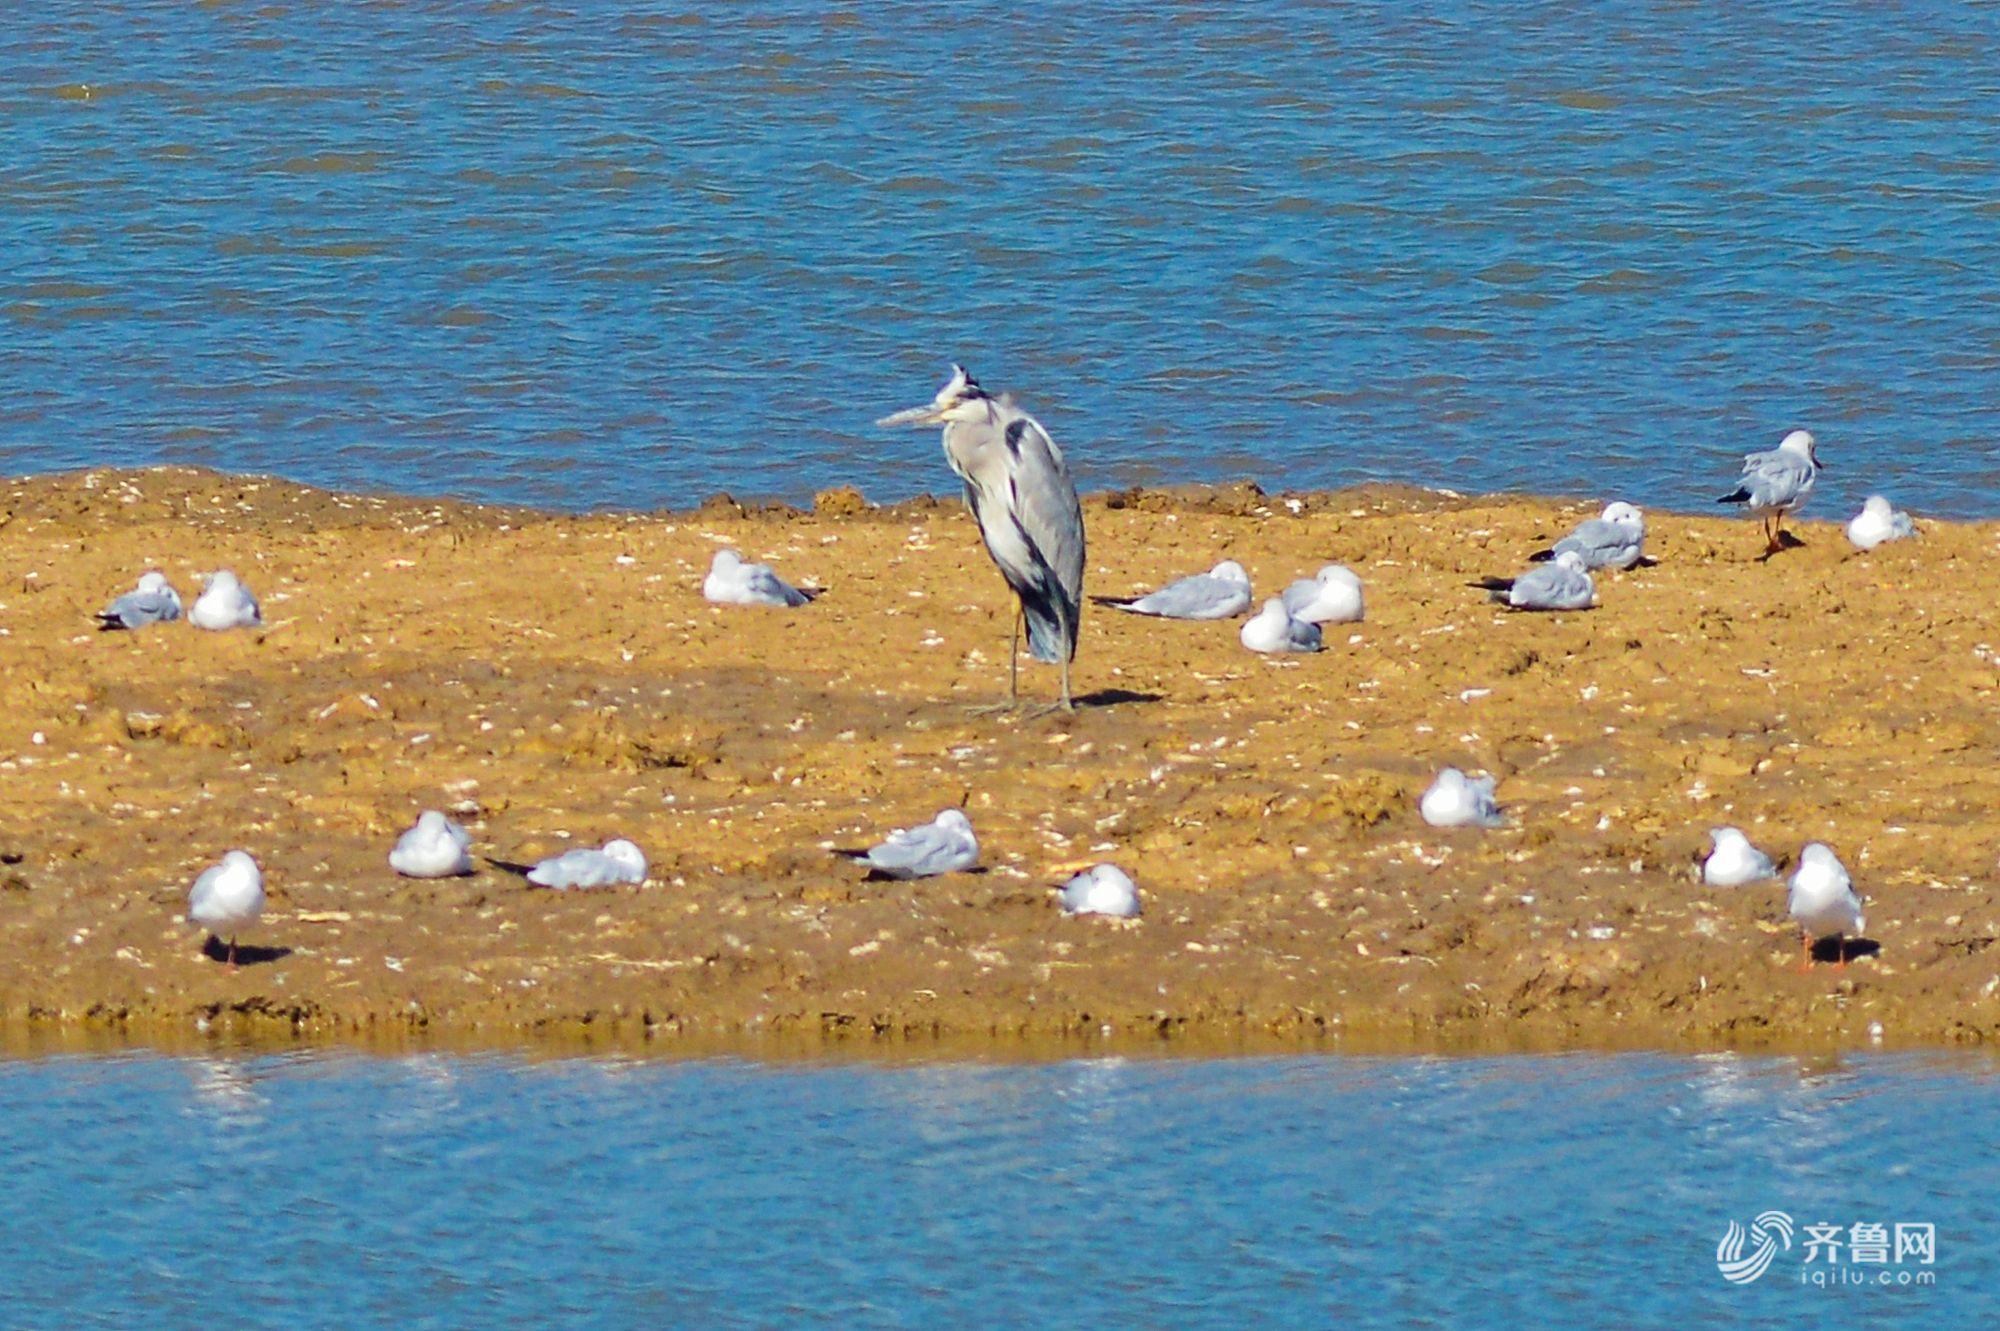 海鸥携带成群幼鸟回迁青岛 在胶州湾湿地栖息觅食